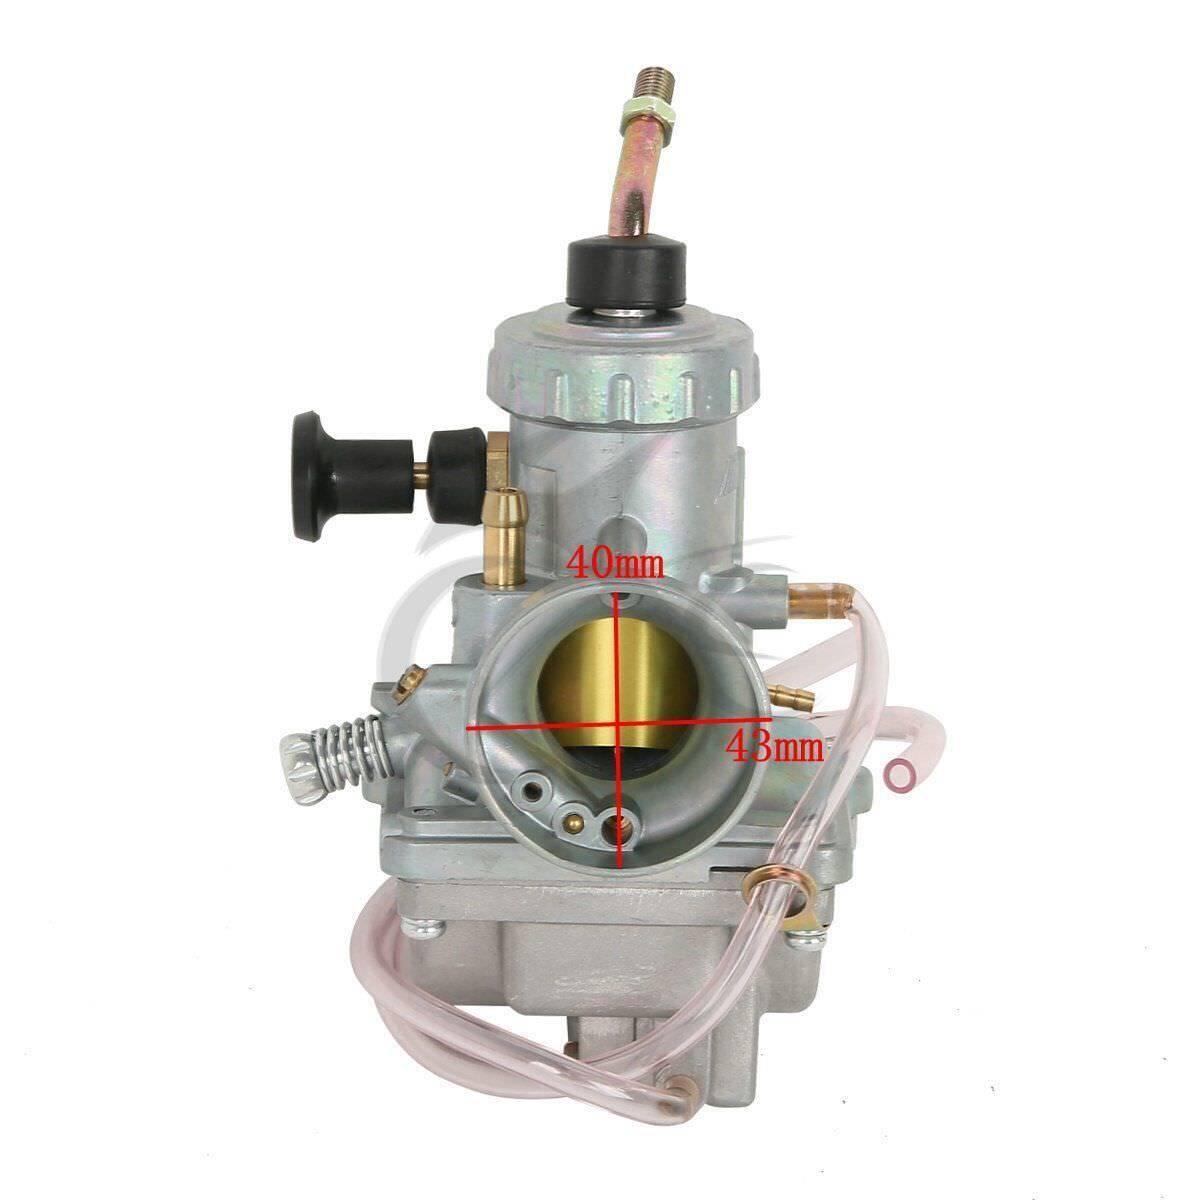 Carb for Yamaha TTR125 DT100 DT125 DT175 RT100 RT180 Carburetor